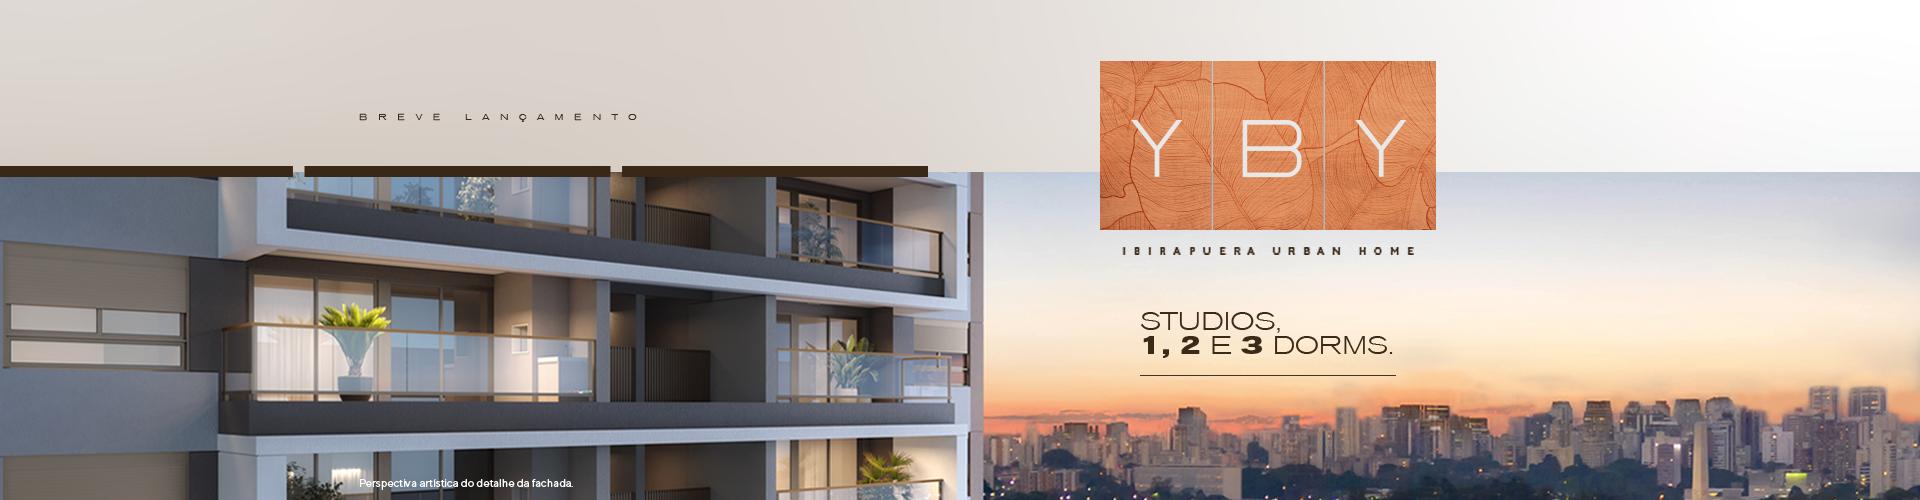 YBY - Breve Lançamento